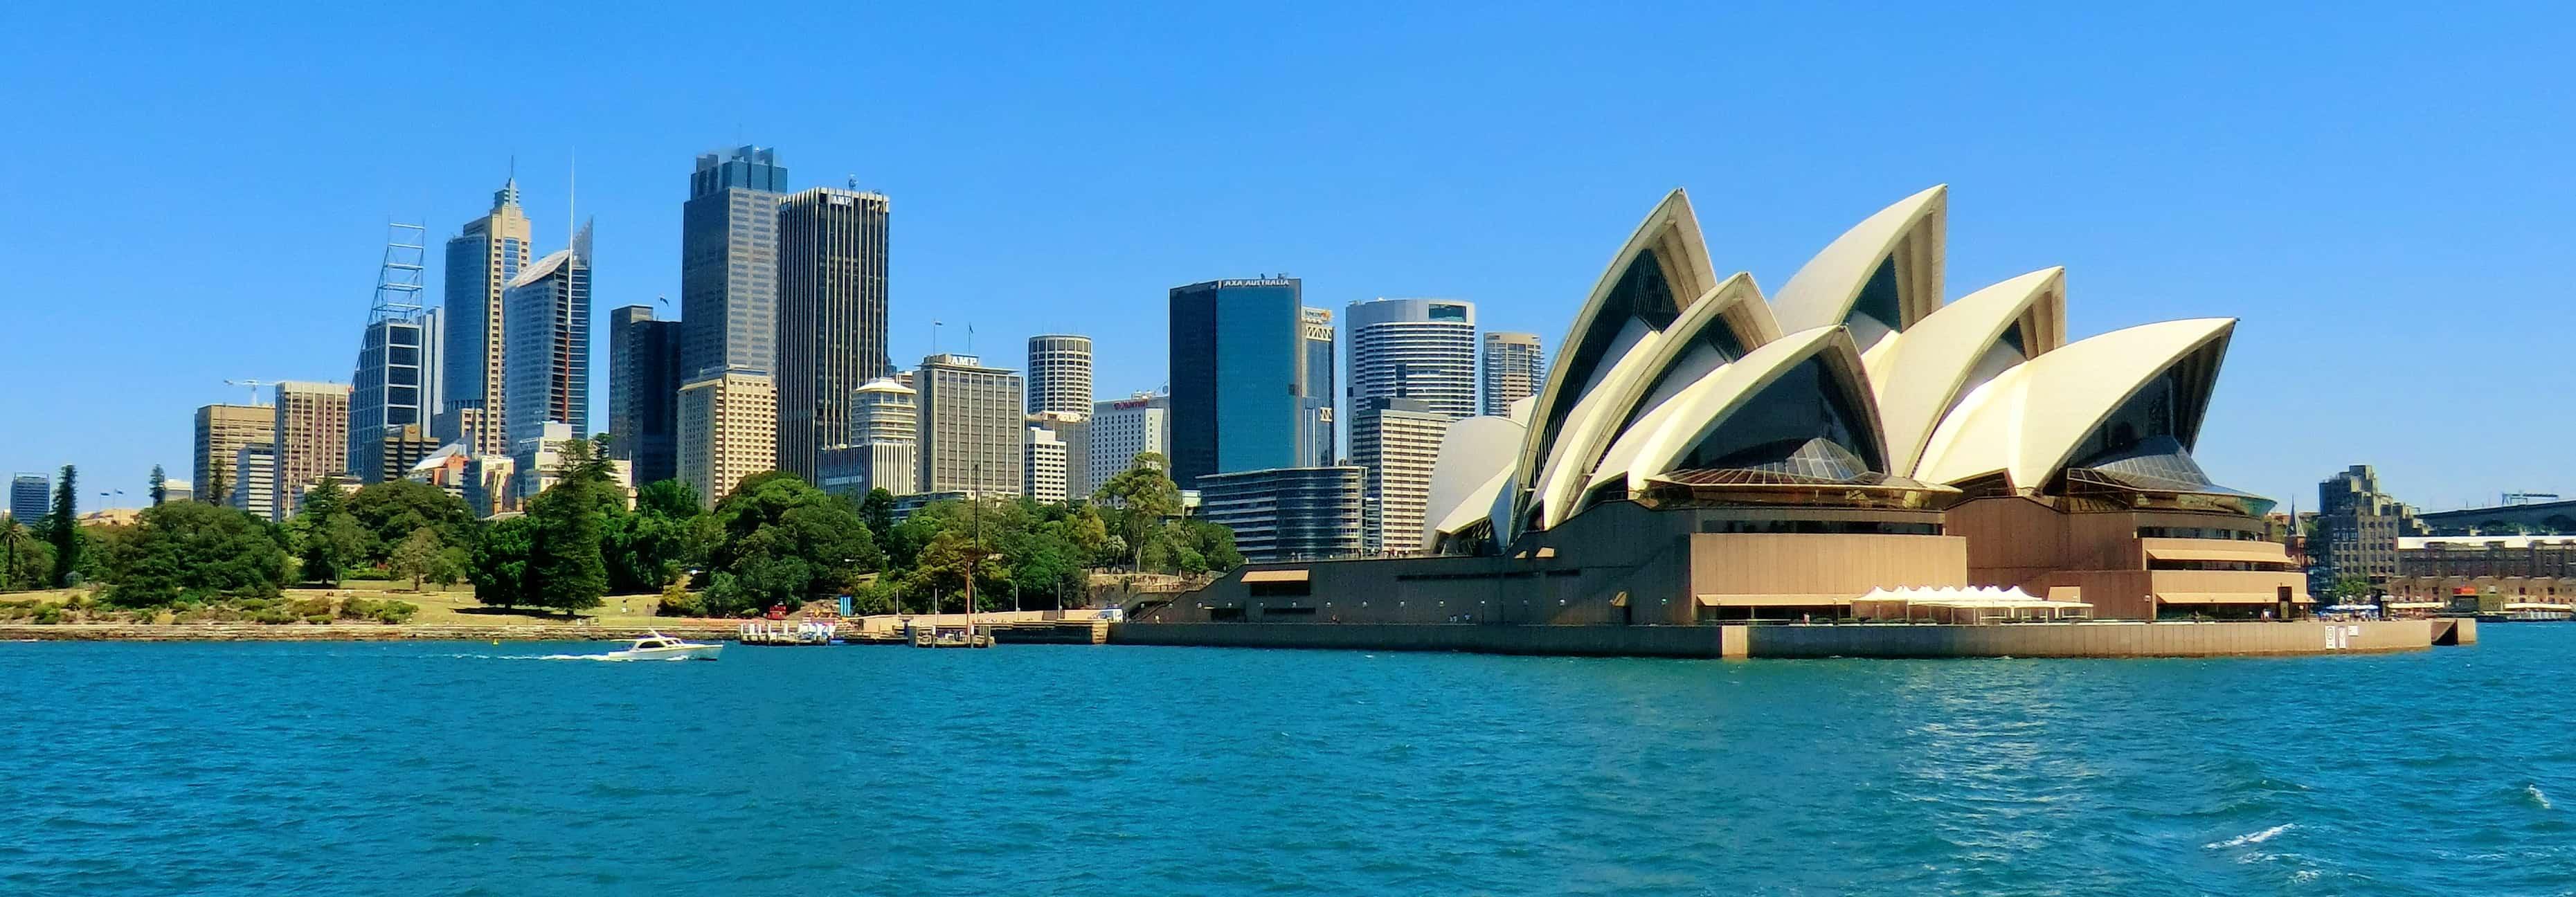 sydney opera house year - photo#30